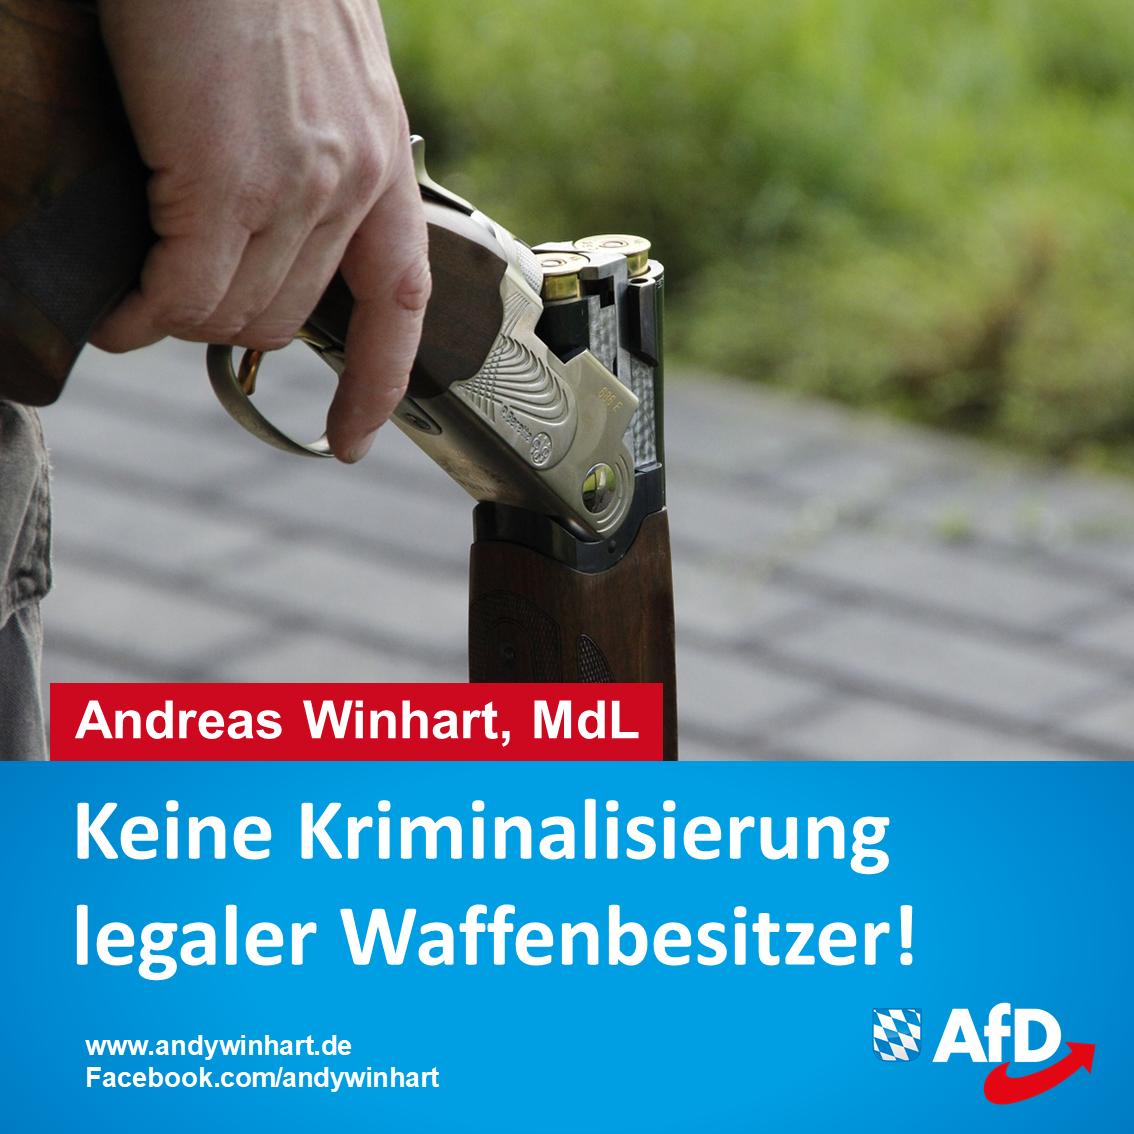 Verschärfung des Waffenrechts: AfD gegen Kriminalisierung rechtstreuer Bürger